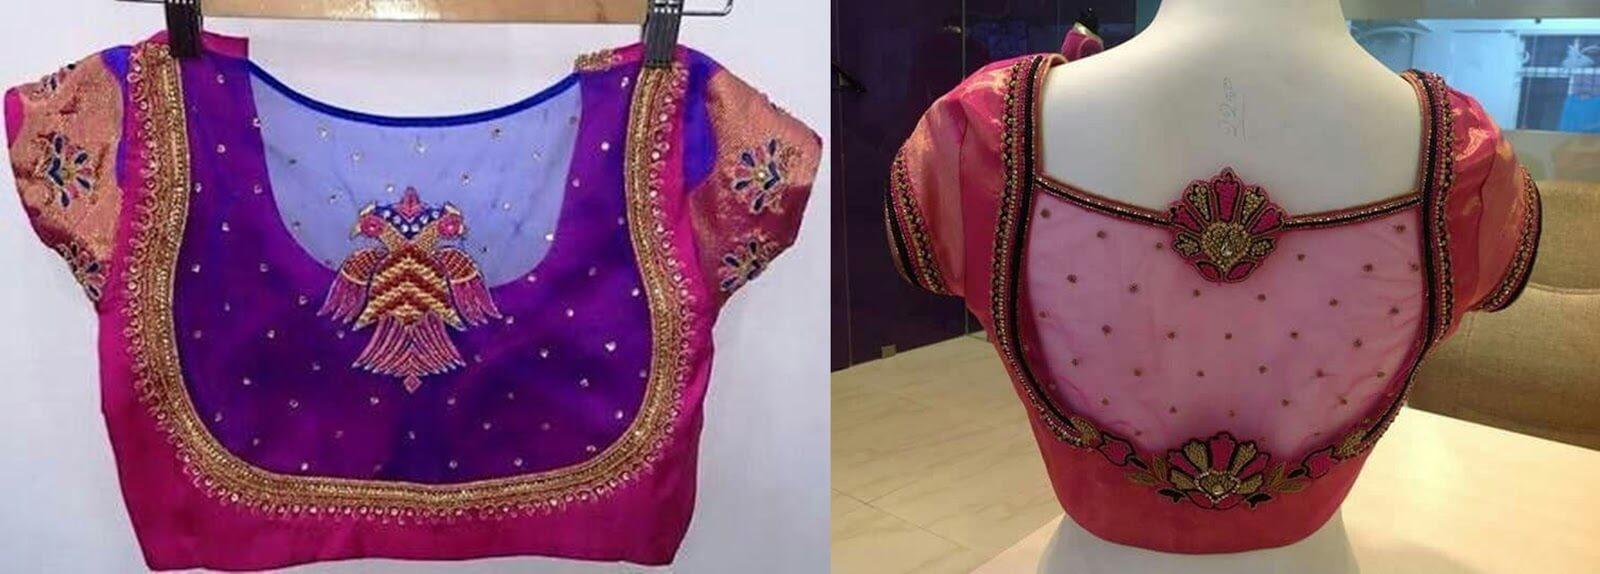 Fishnet blouse design